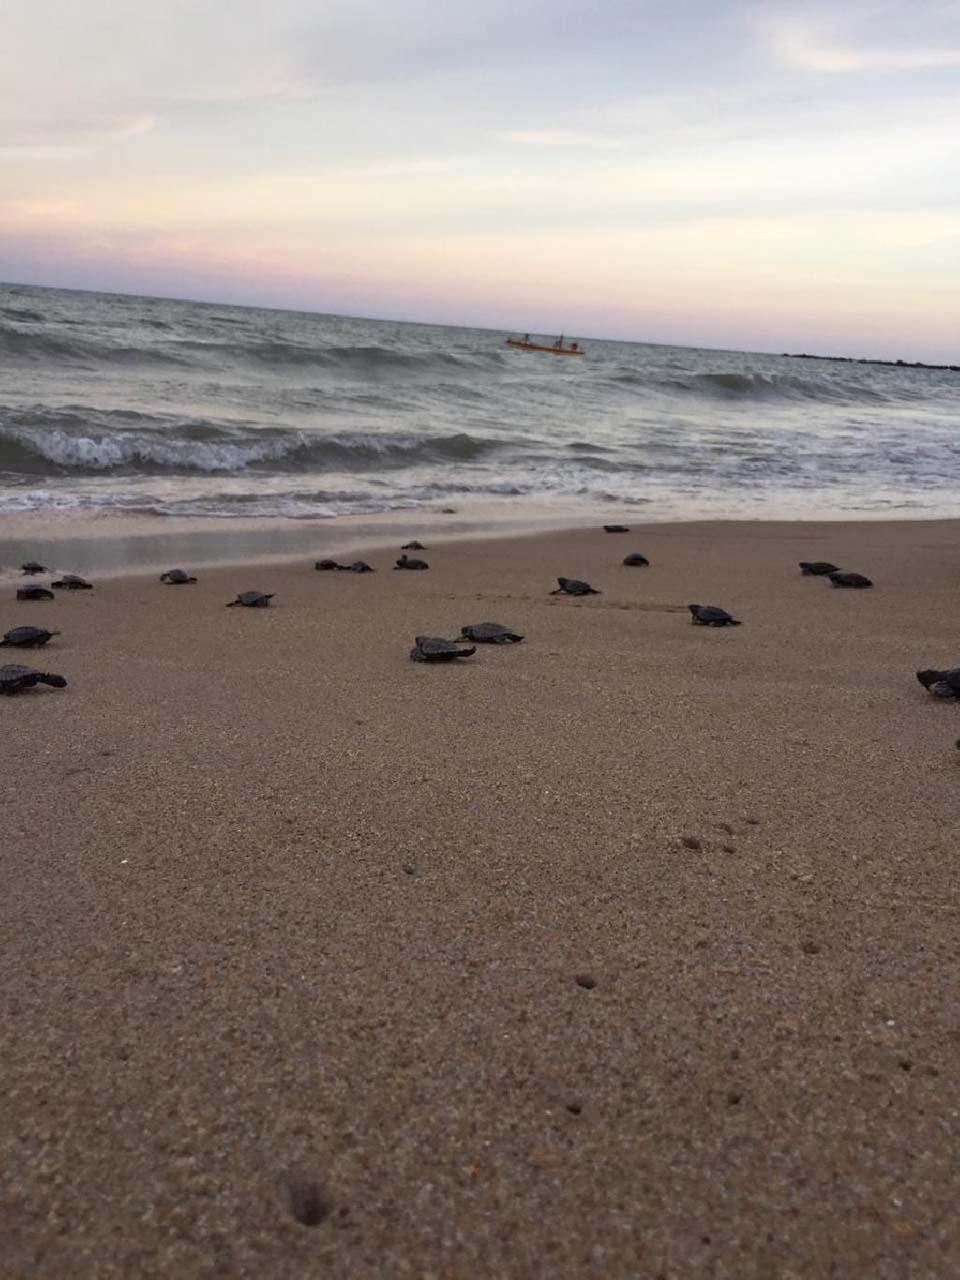 Playa con pequeñas tortugas